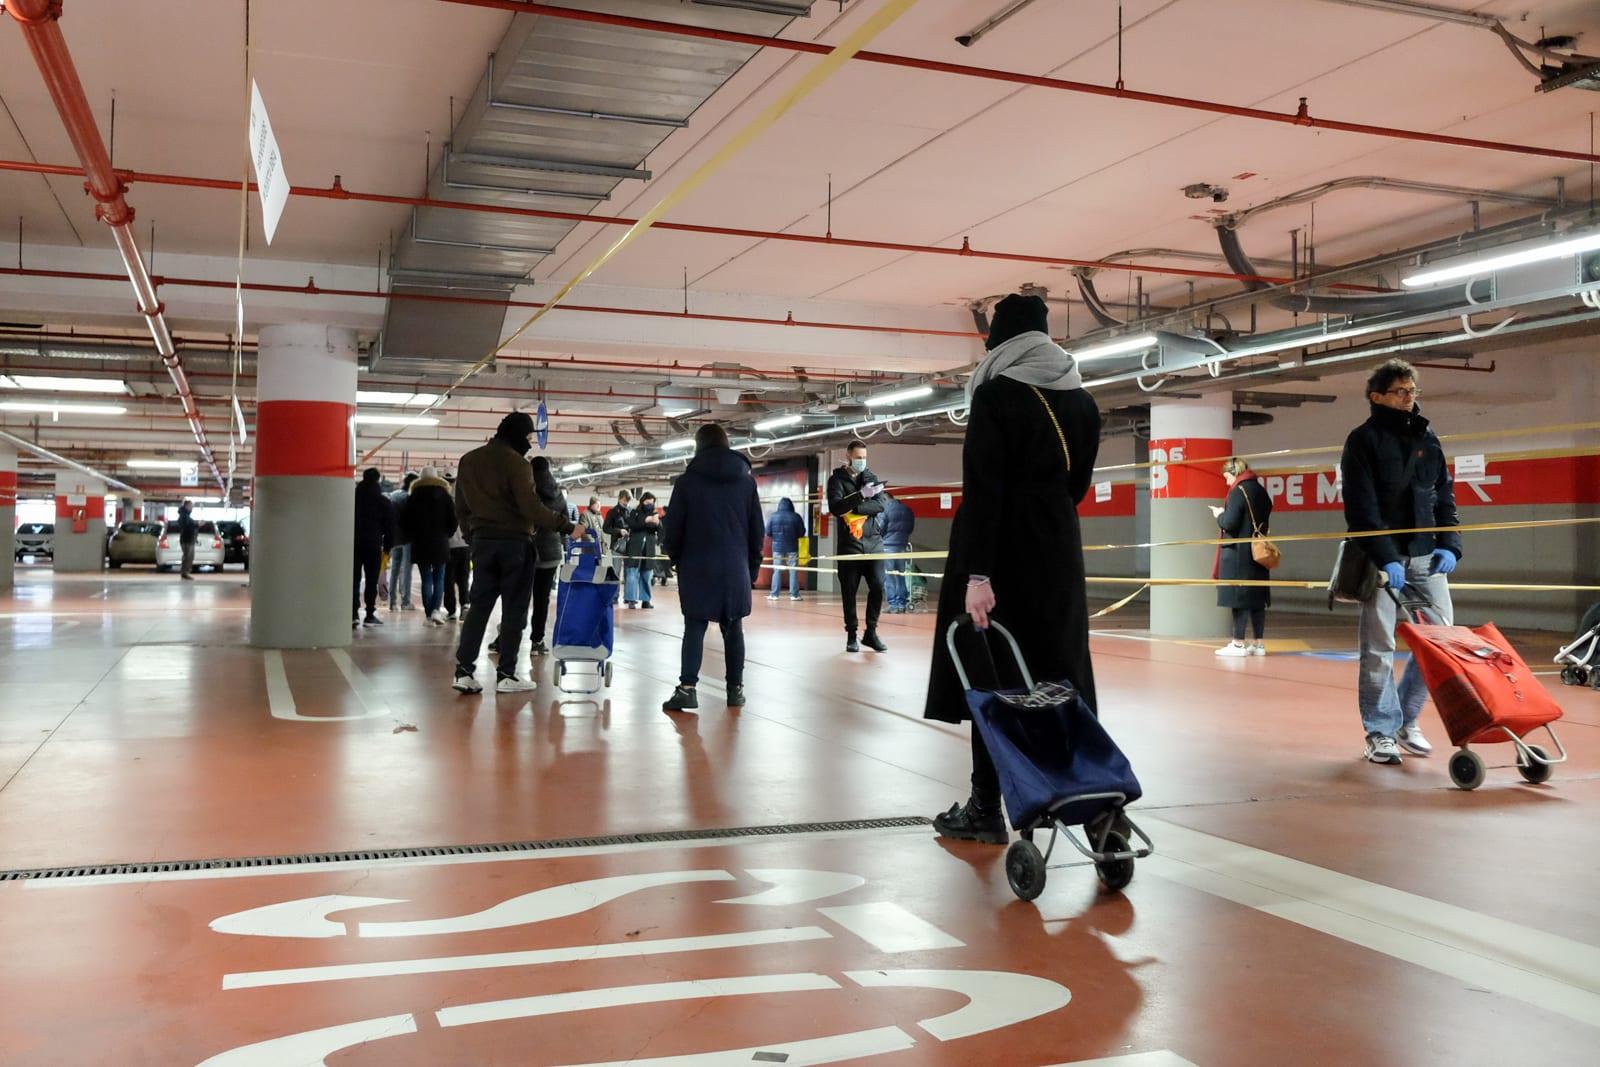 ここでは地下駐車場を区切って行列スペースにしている